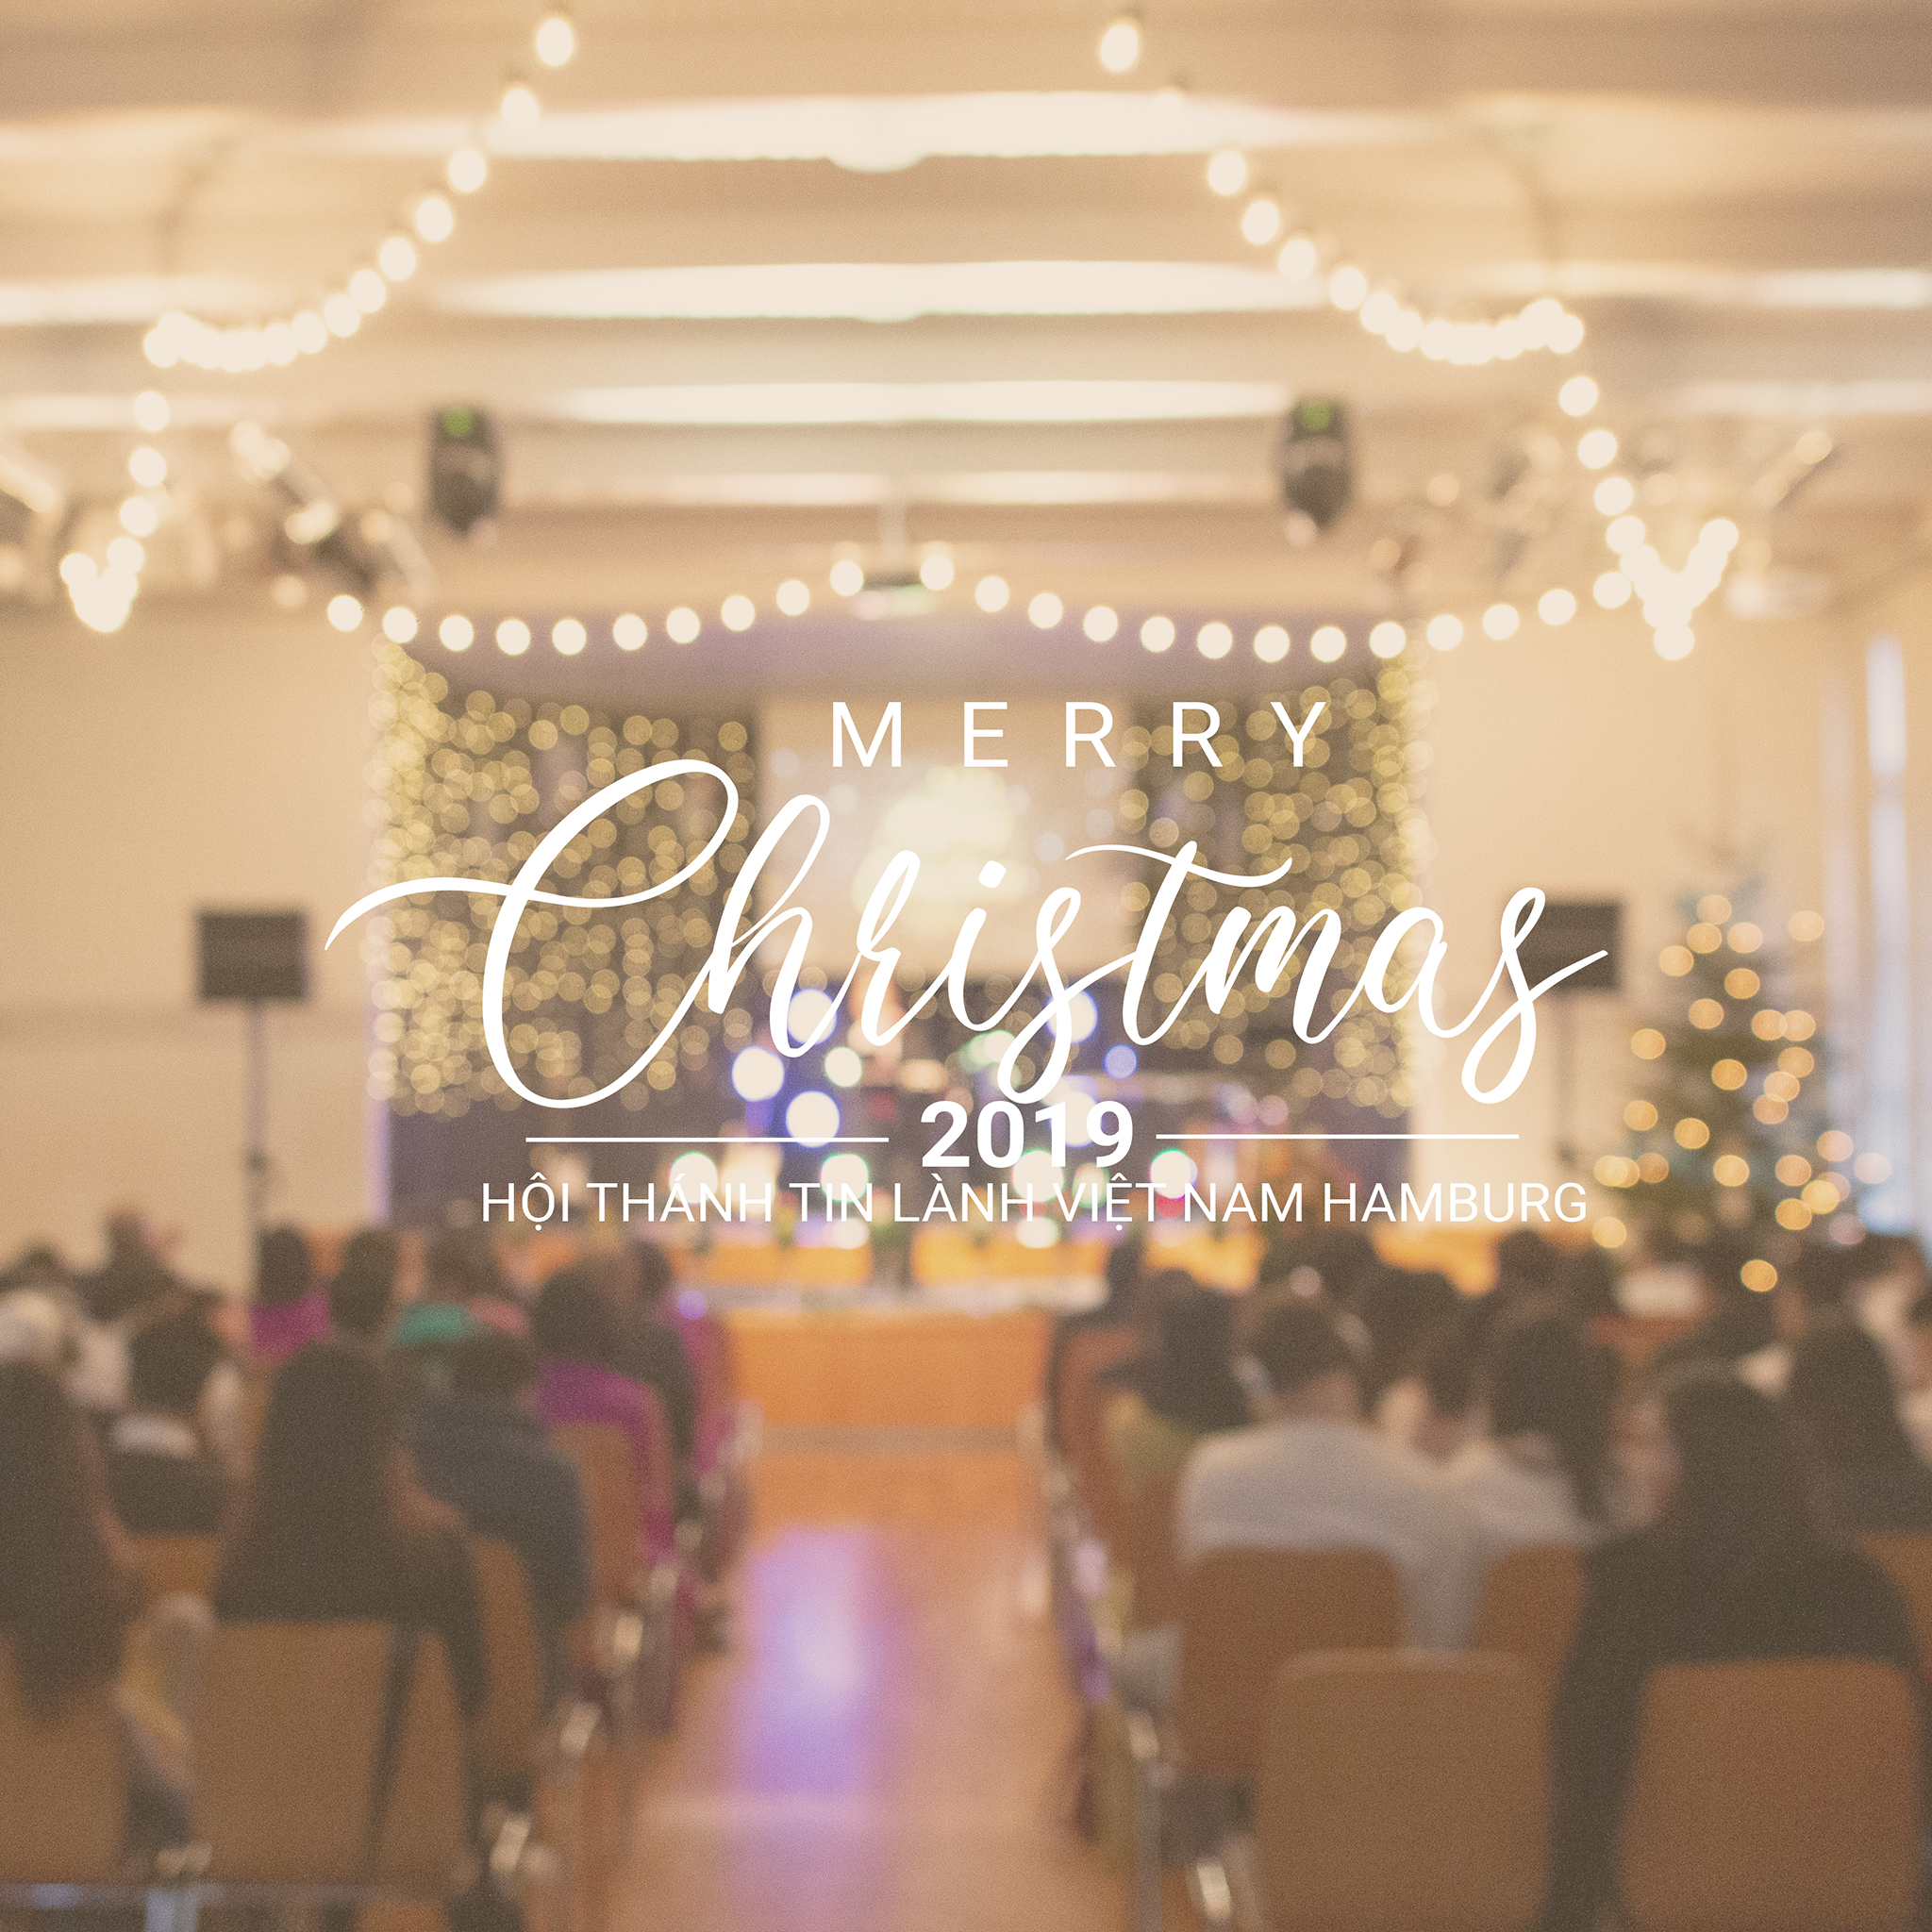 Hình Ảnh Giáng Sinh 2019: MÙA SAO SÁNG